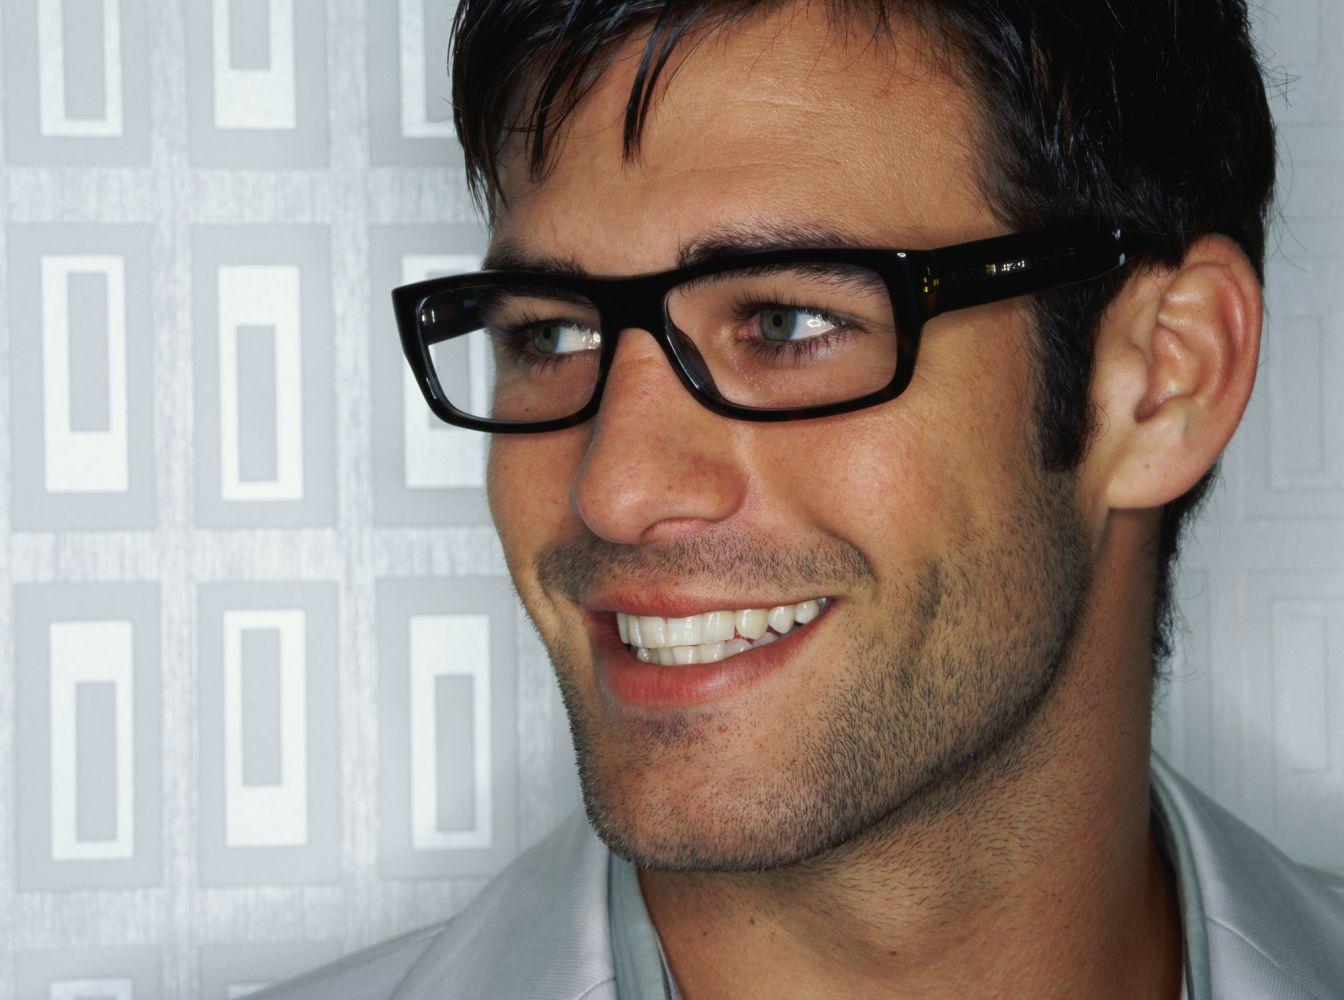 Man wears fashionable eyewear from eye doctor in Elko, NV